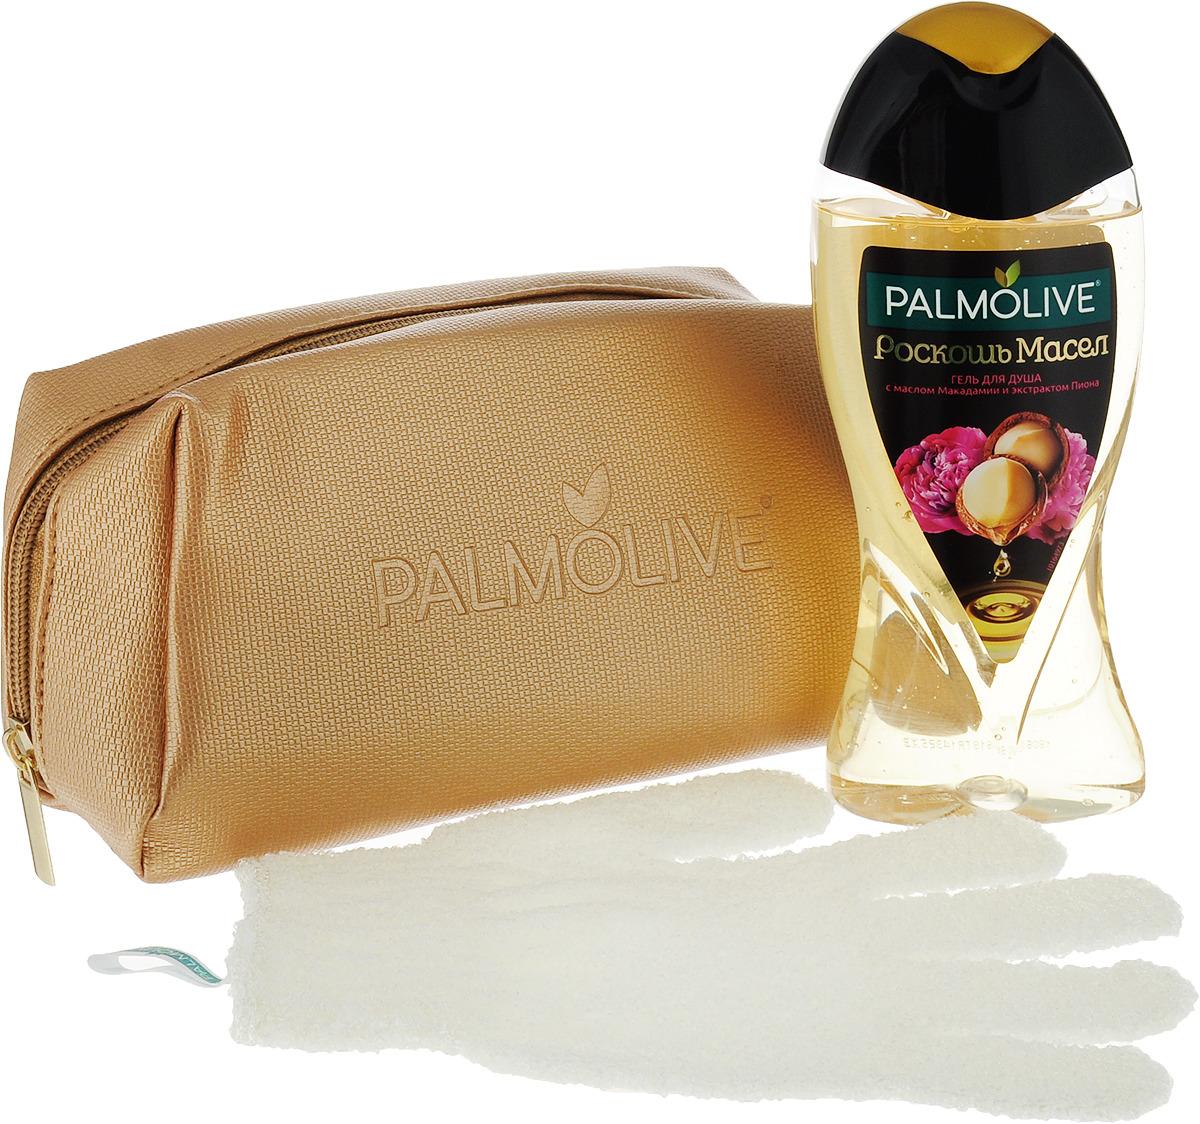 Подарочный набор для женщин Palmolive Роскошь масел подарочный набор для женщин palmolive роскошь масел с маслом макадамии